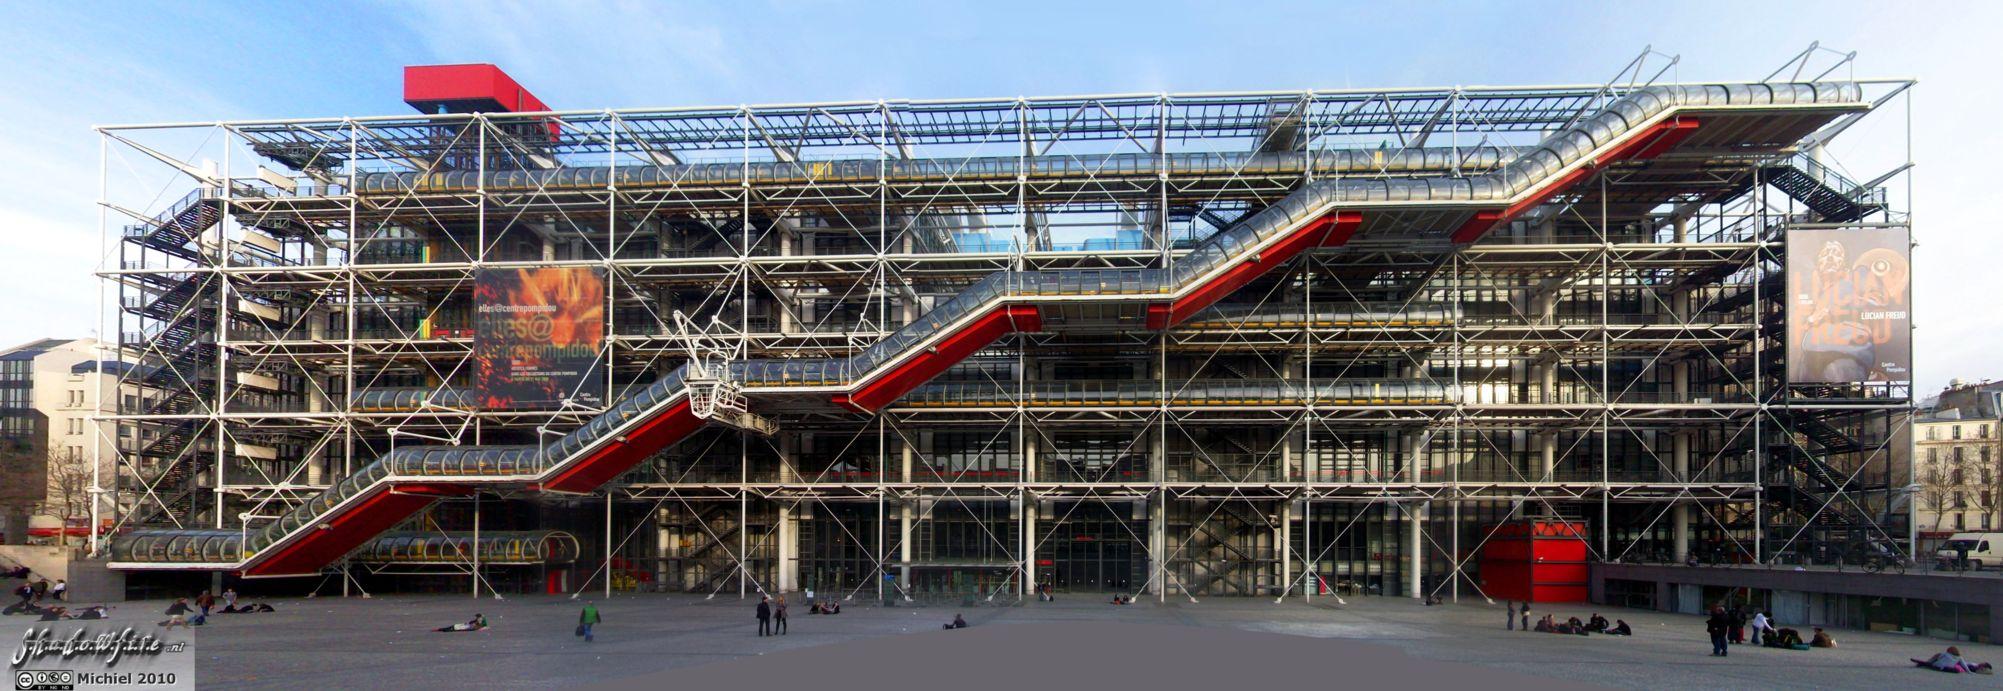 utilisation blaireau pour monter sa mousse -  Bol ou FL Pompidou-centre-front